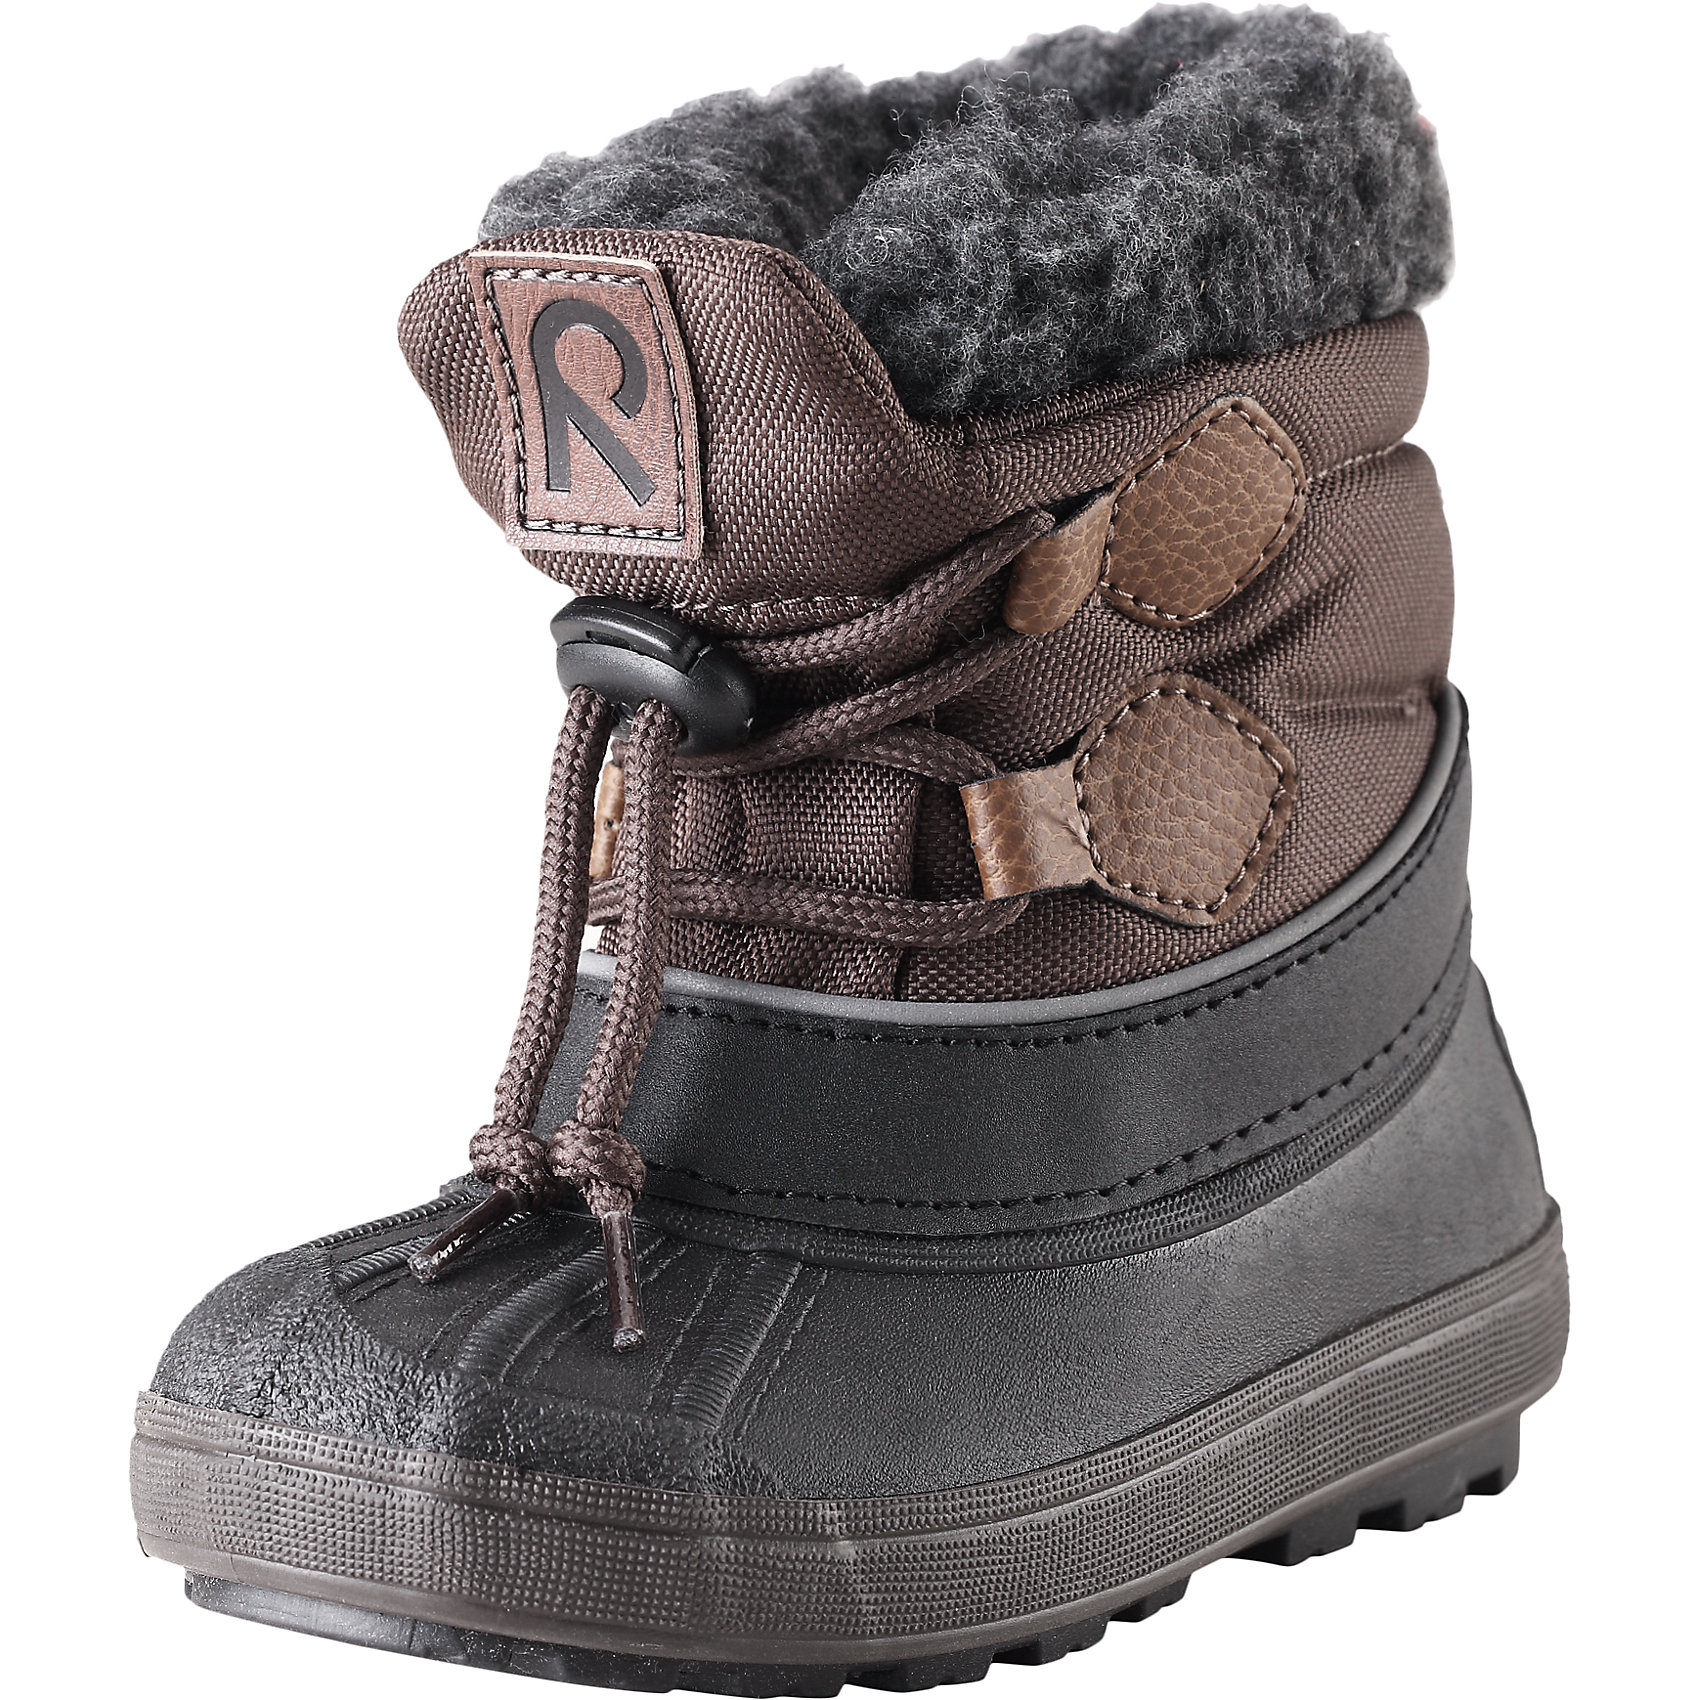 Сноубутсы Tirano для мальчика Reimatec® ReimaОбувь<br>Зимние сапоги для мальчика Reimatec® от финской марки Reima.<br>Зимние сапоги для детей. Водоотталкивающая зимняя обувь с водонепроницаемыми галошами. Верх из водостойкого текстиля/микрофибры. Подошва из термопластичного каучука обеспечивает хорошее сцепление с поверхностью. Подкладка из смеси шерсти. Съемный носок. Сделано в Италии. Легкие и водонепроницаемые литые галоши. Алюминиевая стелька для улучшенной теплоизоляции. Светоотражающие детали. Без ПХВ.<br>Уход:<br>Храните обувь в вертикальном положении при комнатной температуре. Сушить обувь всегда следует при комнатной температуре: вынув съемные стельки. Стельки следует время от времени заменять на новые. Налипшую грязь можно счищать щеткой или влажной тряпкой. Перед использованием обувь рекомендуется обрабатывать специальными защитными средствами.<br>Состав:<br>Подошва: EVA, резина, верх: 90% ПЭ, 10% ПУ<br><br>Ширина мм: 262<br>Глубина мм: 176<br>Высота мм: 97<br>Вес г: 427<br>Цвет: коричневый<br>Возраст от месяцев: 15<br>Возраст до месяцев: 18<br>Пол: Мужской<br>Возраст: Детский<br>Размер: 22,38,28,26,24,20,34,32,30<br>SKU: 4776967